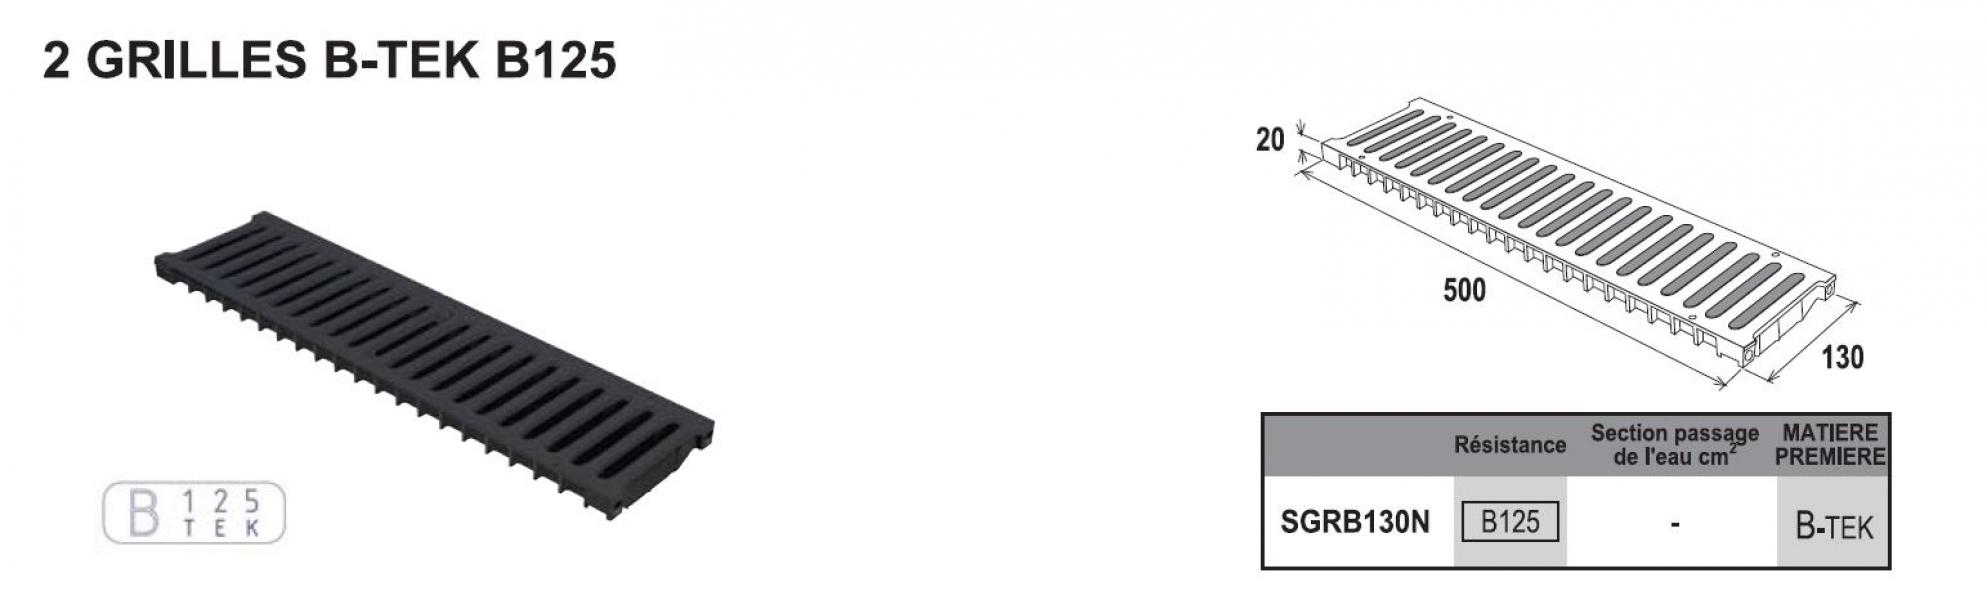 Photo 3 Caniveau PP Noir largeur 130mm hauteur 100mm Longueur 1000mm. Avec grilles en B-TEK B125 composite (Résistance 12,5T) Avec blocages intégrés en métal des grilles. Haute résistance - FIRSTPLAST